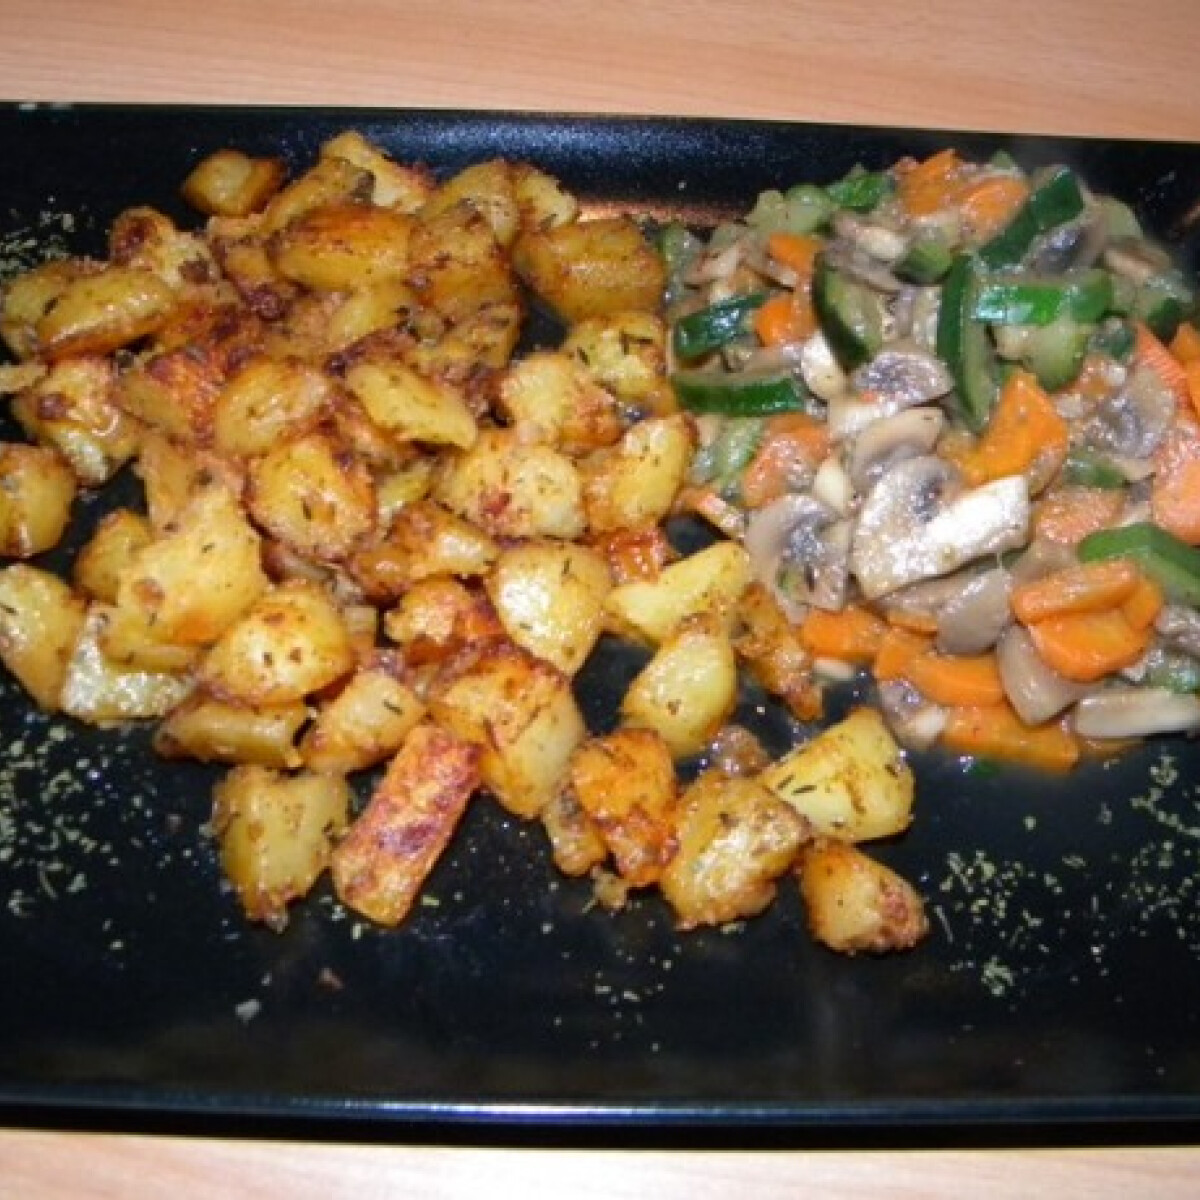 Chilis zöldségek Fancsilietől